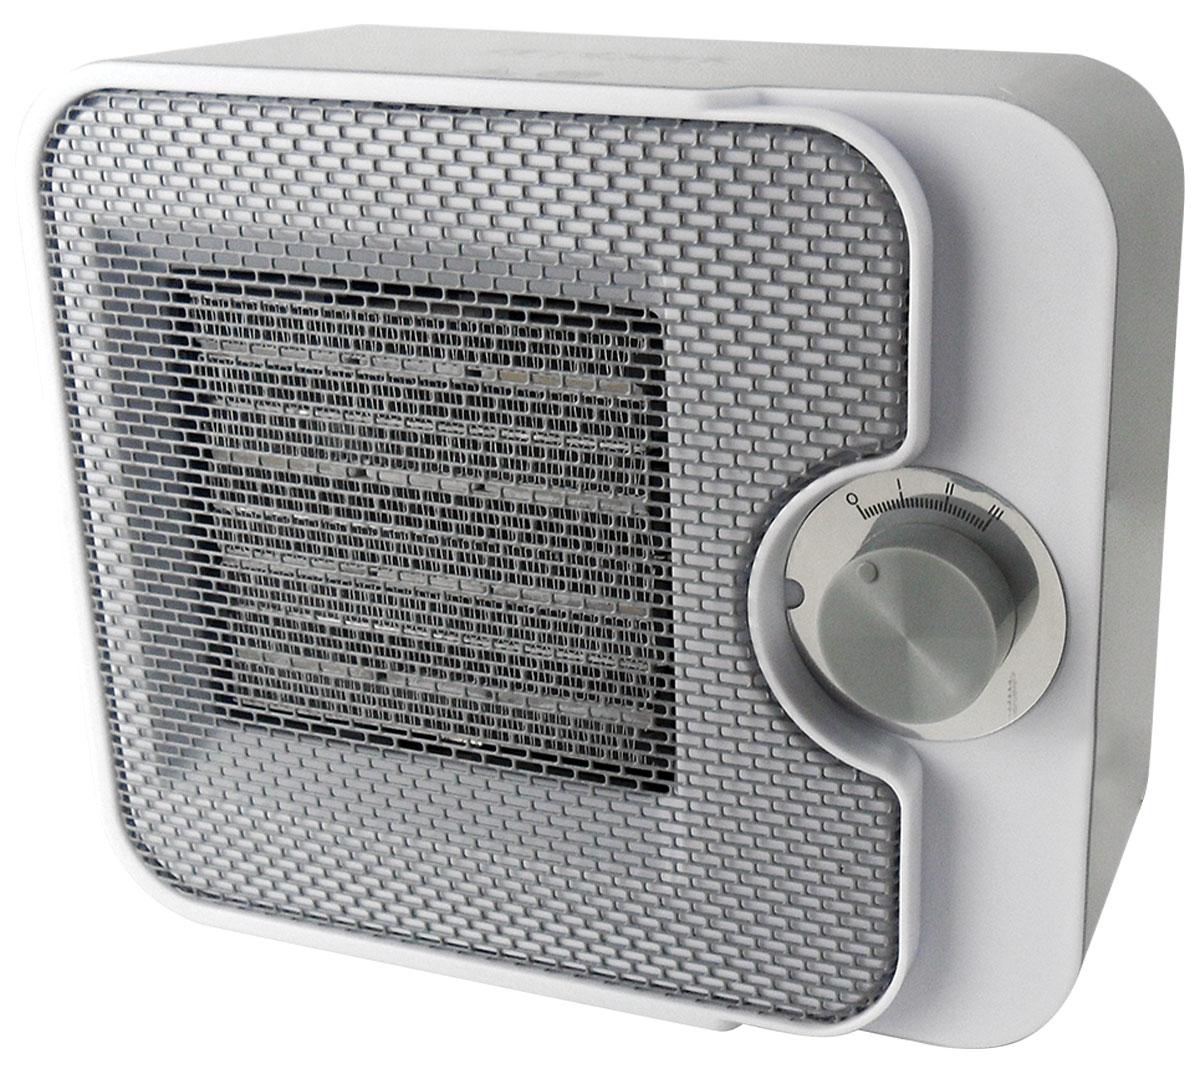 Timberk TFH T15NTX, Grey тепловентиляторTFH T15NTXТепловентилятор Timberk TFH T15NTX в настольном вертикальном исполнении оснащен сверх-тихим DC-мотором и абсолютно компактен. Высокоэффективный металлокерамический нагревательный элемент обеспечит быстрый нагрев воздуха в помещении, а технология Oxygen Safe снижает негативное влияние на качество воздуха. Два режима мощности на выбор (1000 Вт, 1500 Вт) Двухуровневая защита от перегрева: терморегулятор и термоограничитель Высокоэффективный металлокерамический нагревательный элемент Новейшее цветовое решение Пониженный уровень шума